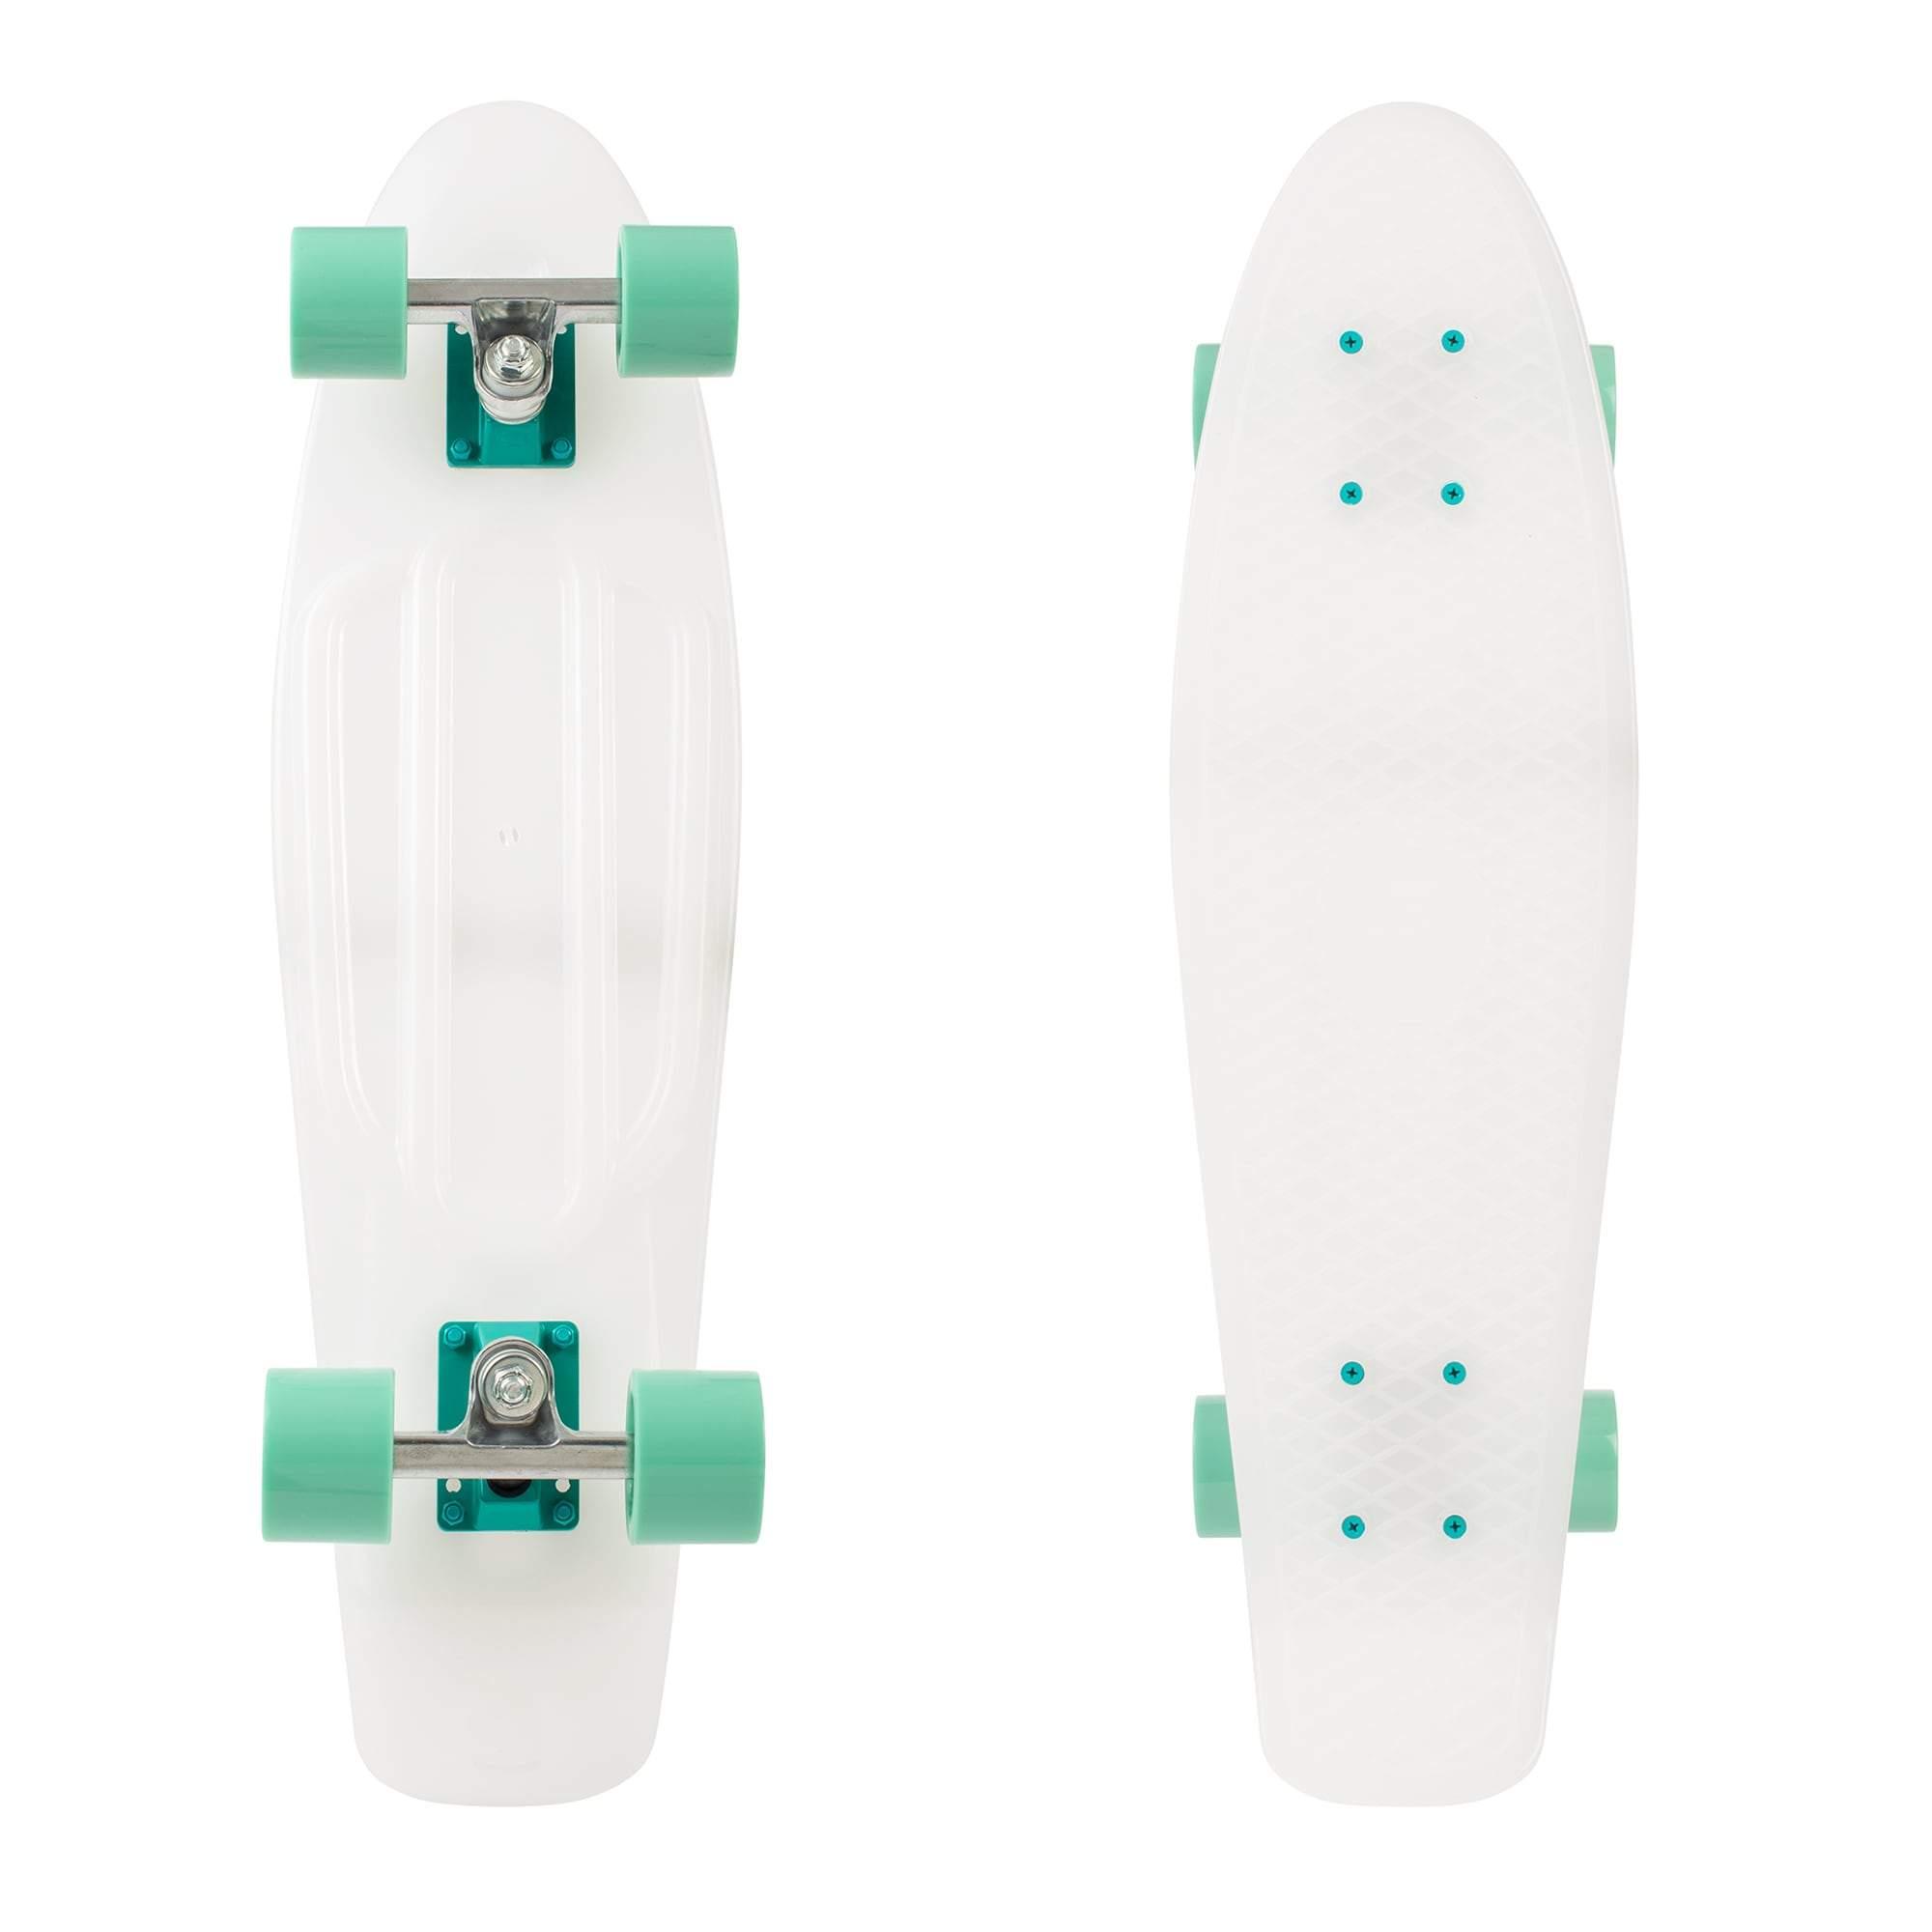 Vintage Skateboard Cruiser Deck 27 x 7 Inches